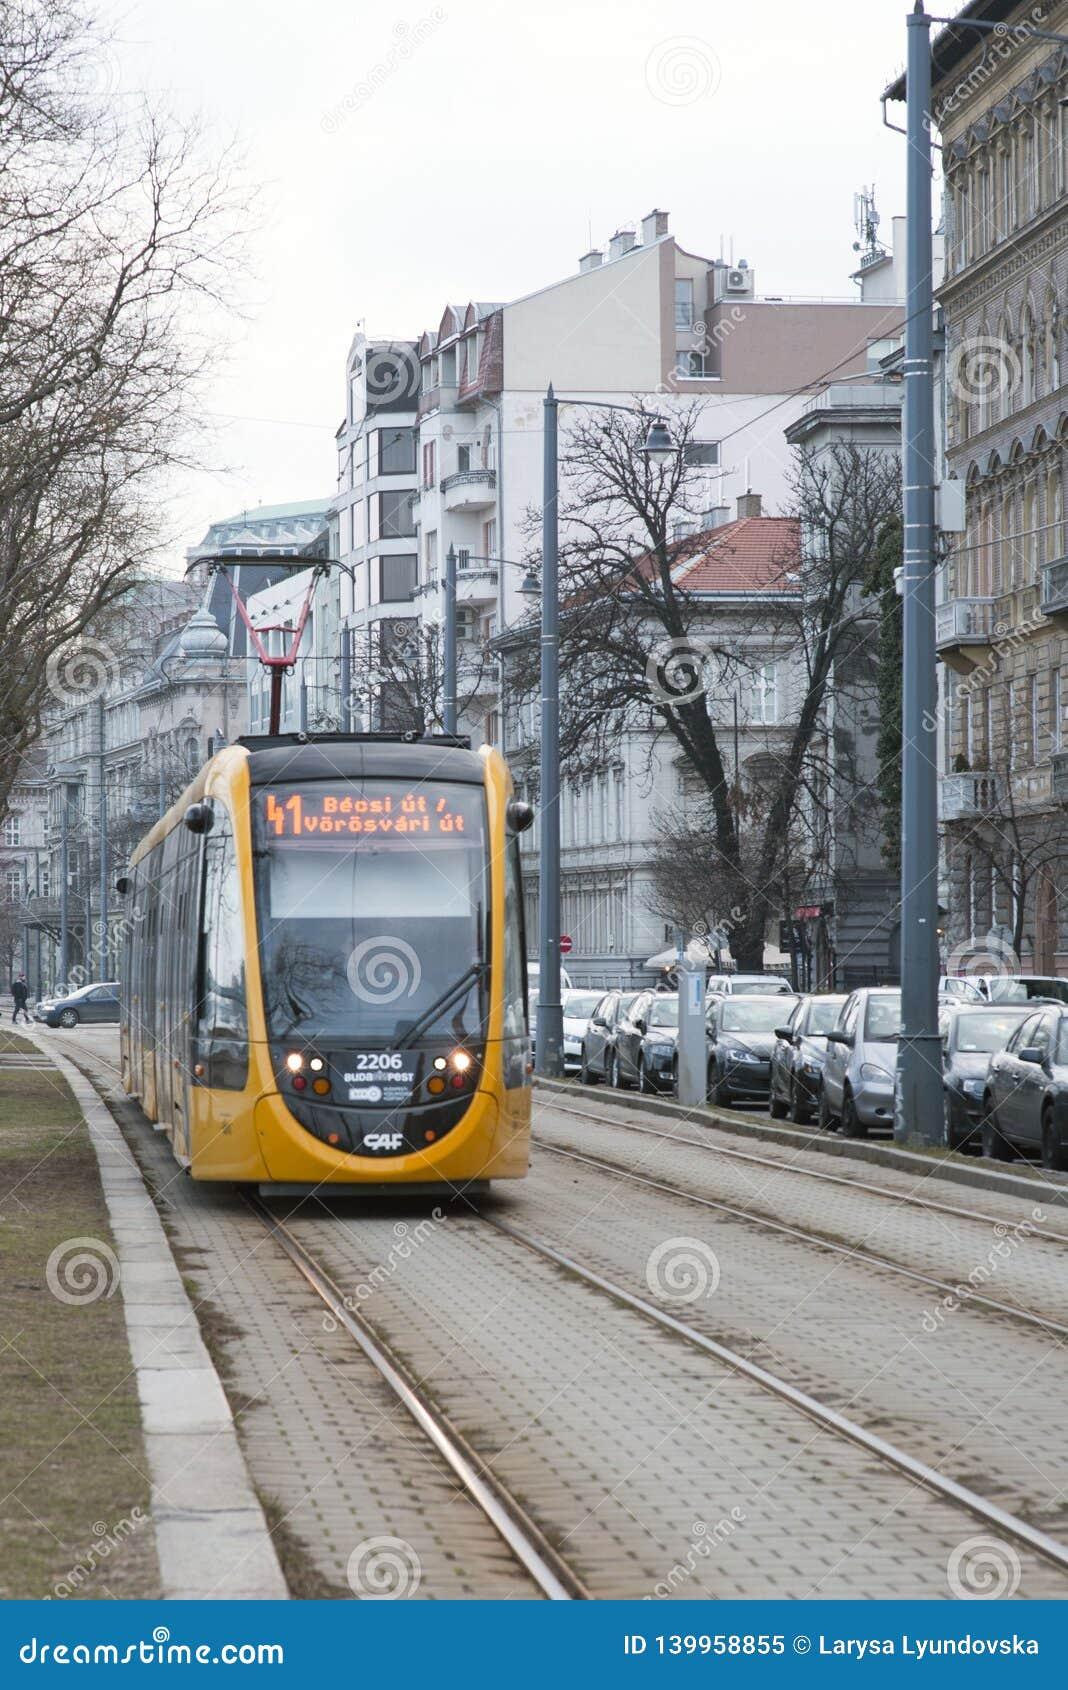 Βουδαπέστη, Ουγγαρία, στις 13 Φεβρουαρίου 2019 Τα κίτρινα αυτοκίνητα του τραμ της Βουδαπέστης φθάνουν στη στάση